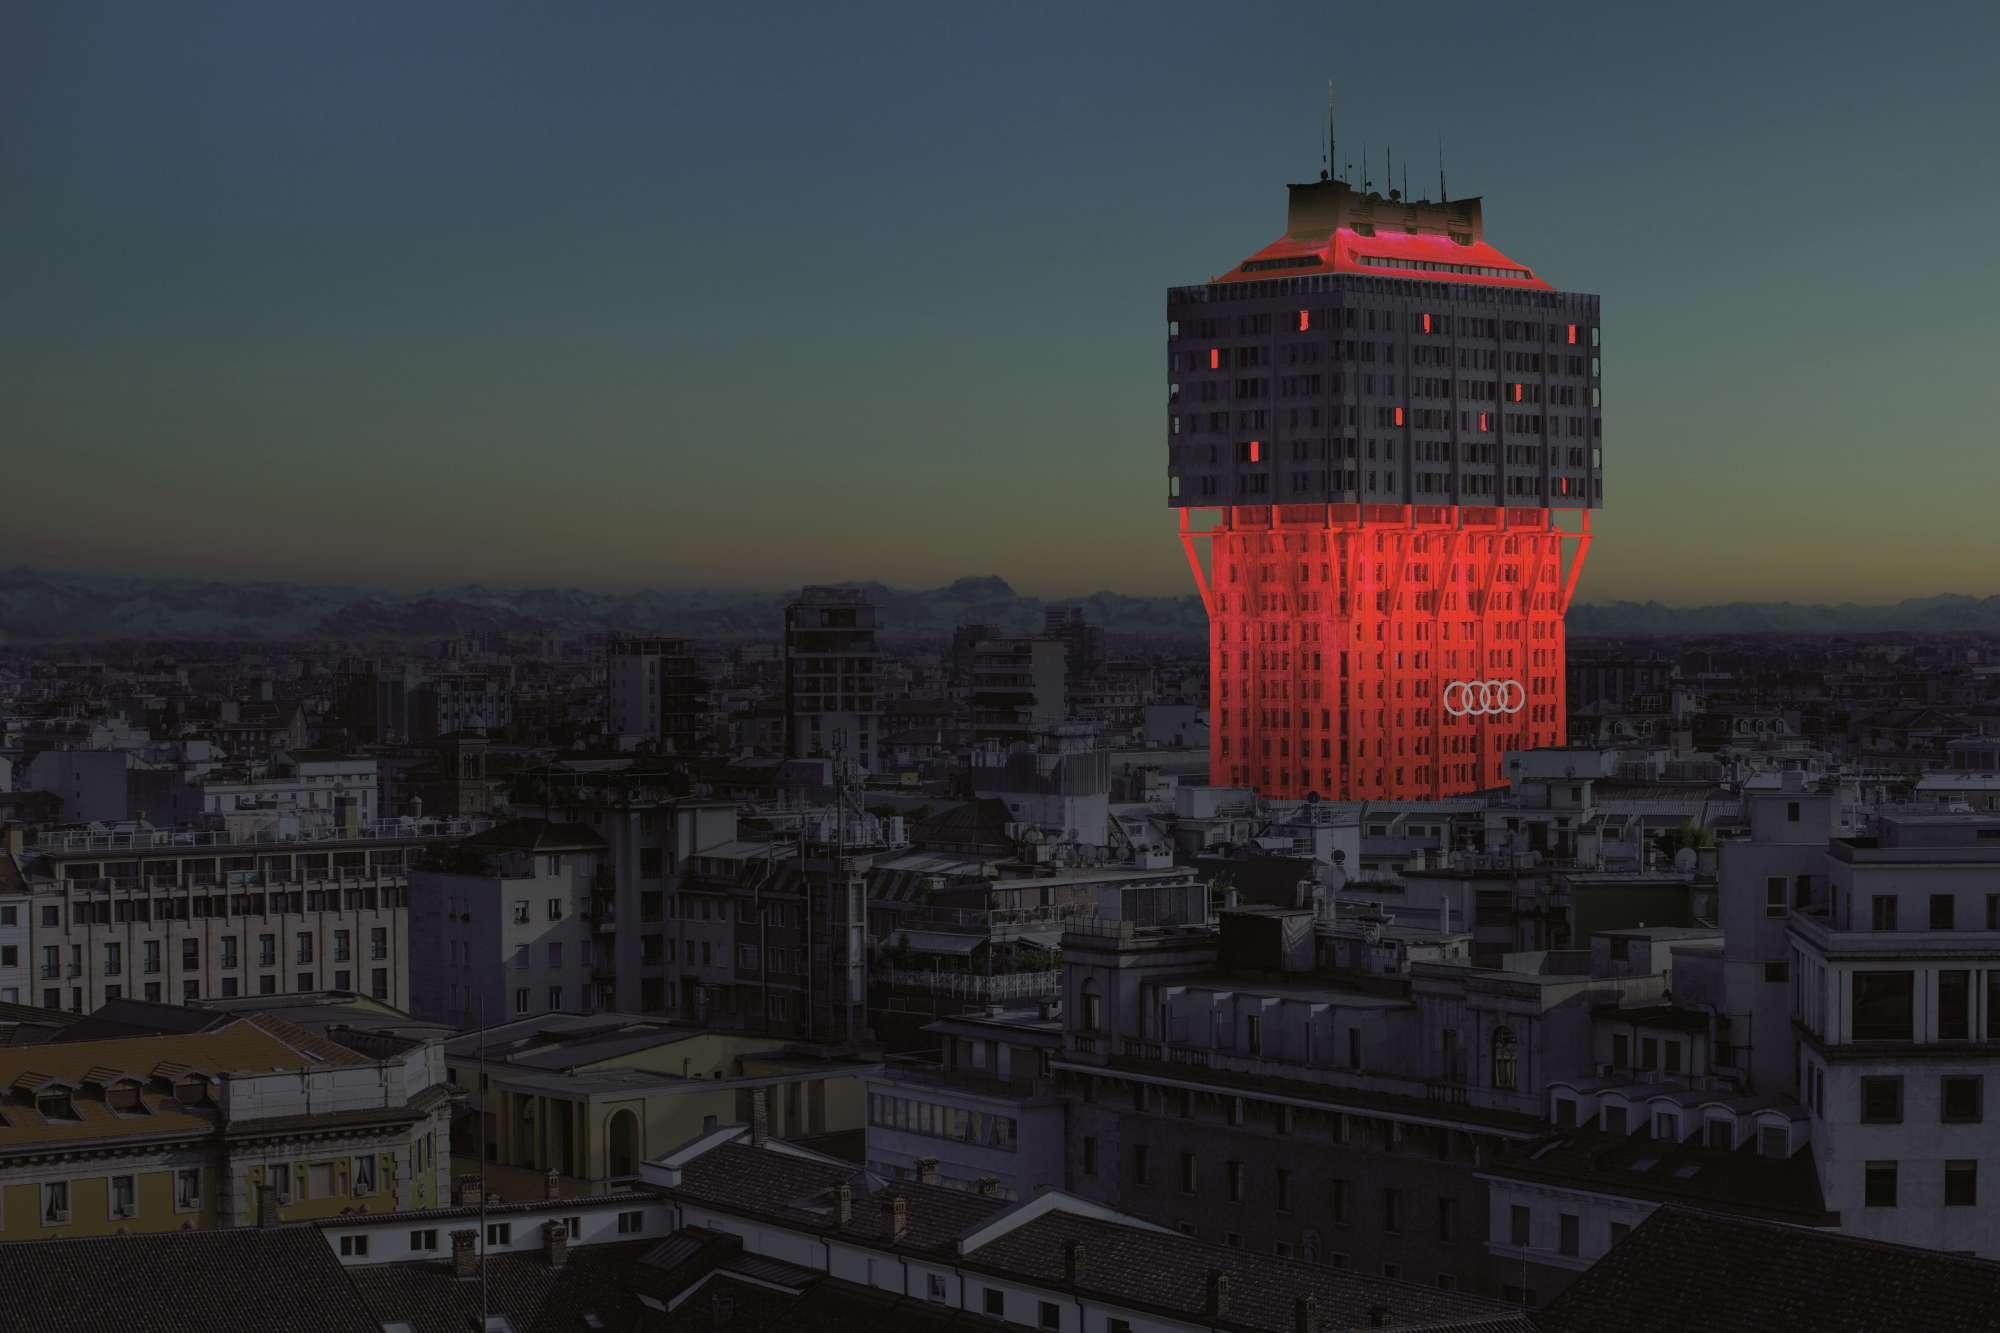 evil-buildings-murder-hotel-2